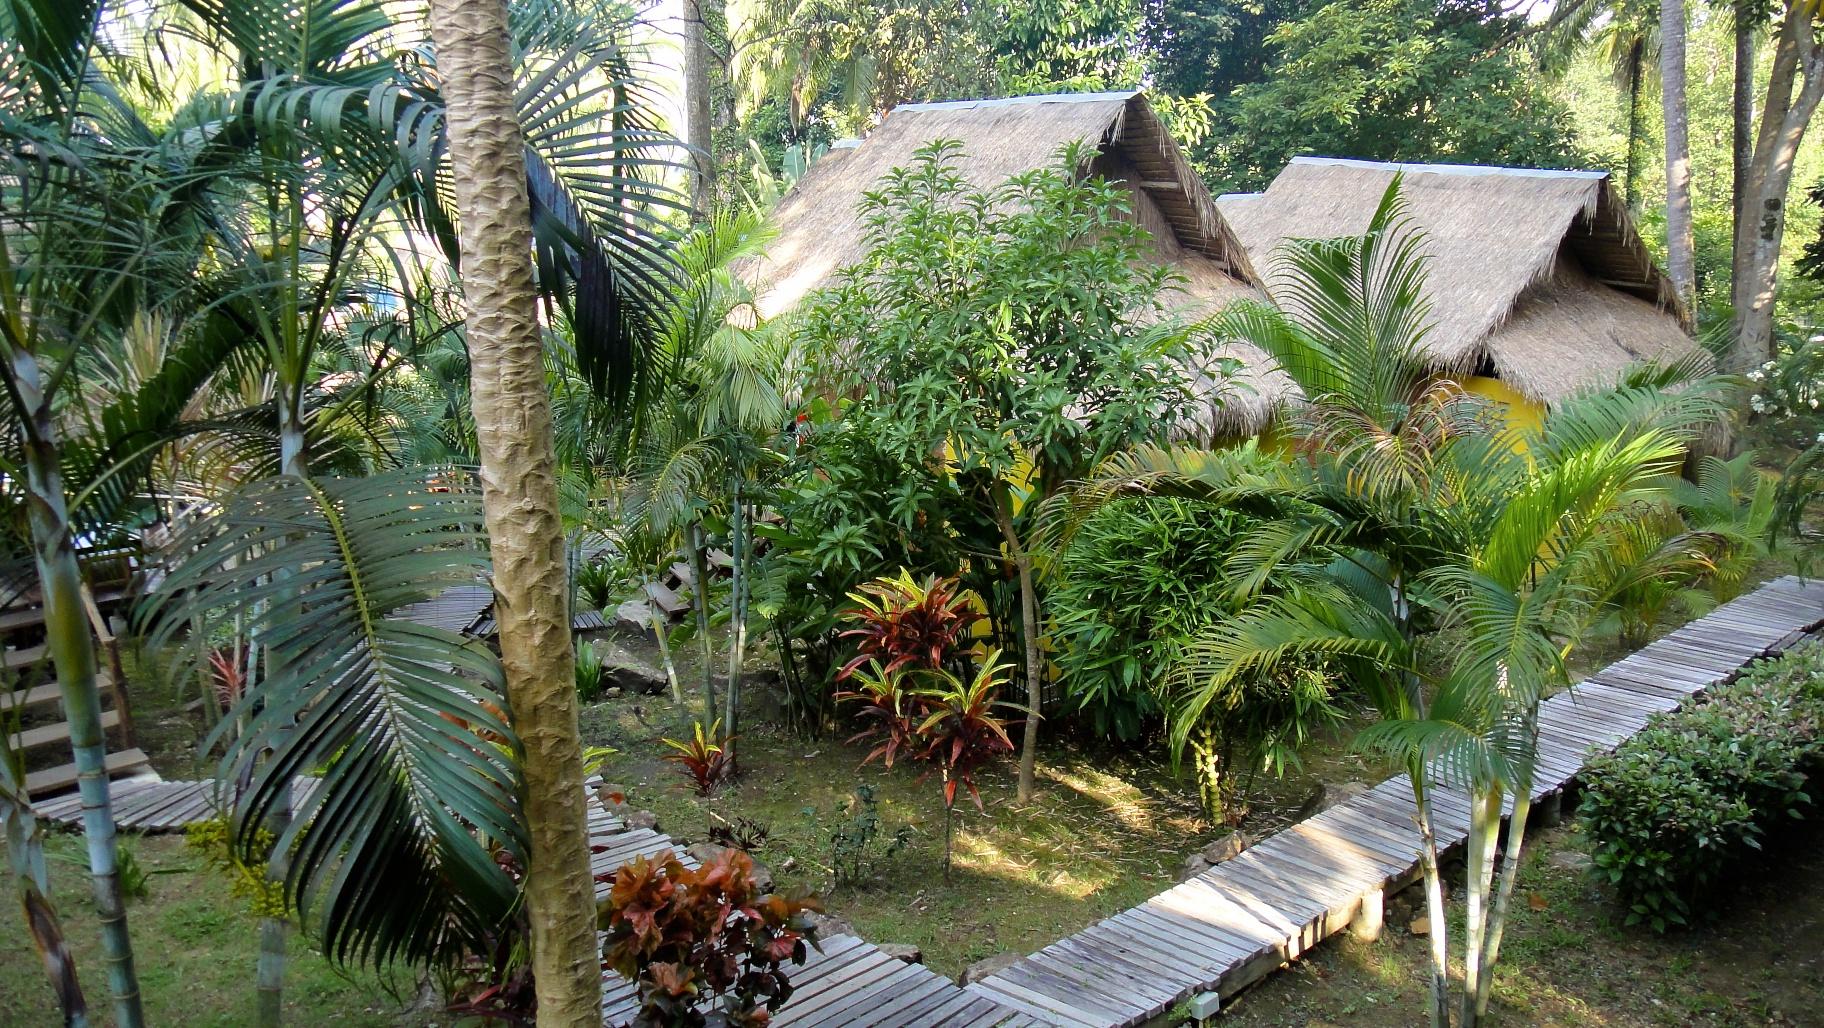 Bungalow dans le jardin de little eden pr s de lonely beach for Planificateur jardin